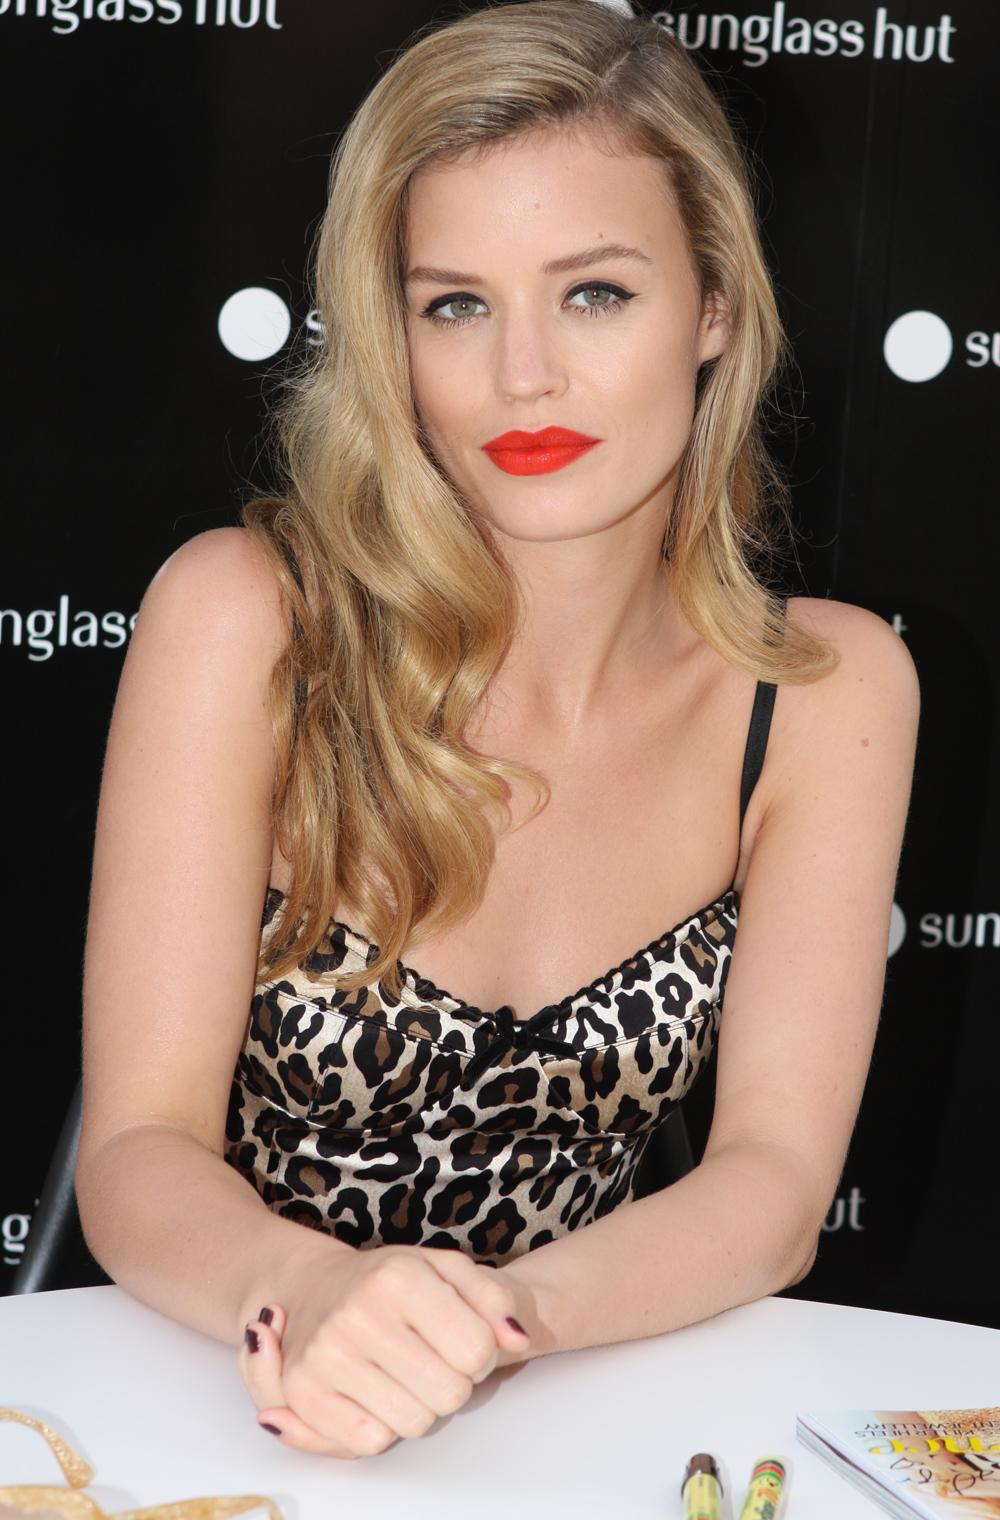 Kaylin Fitzpatrick Modern Beauty Georgia May Jagger